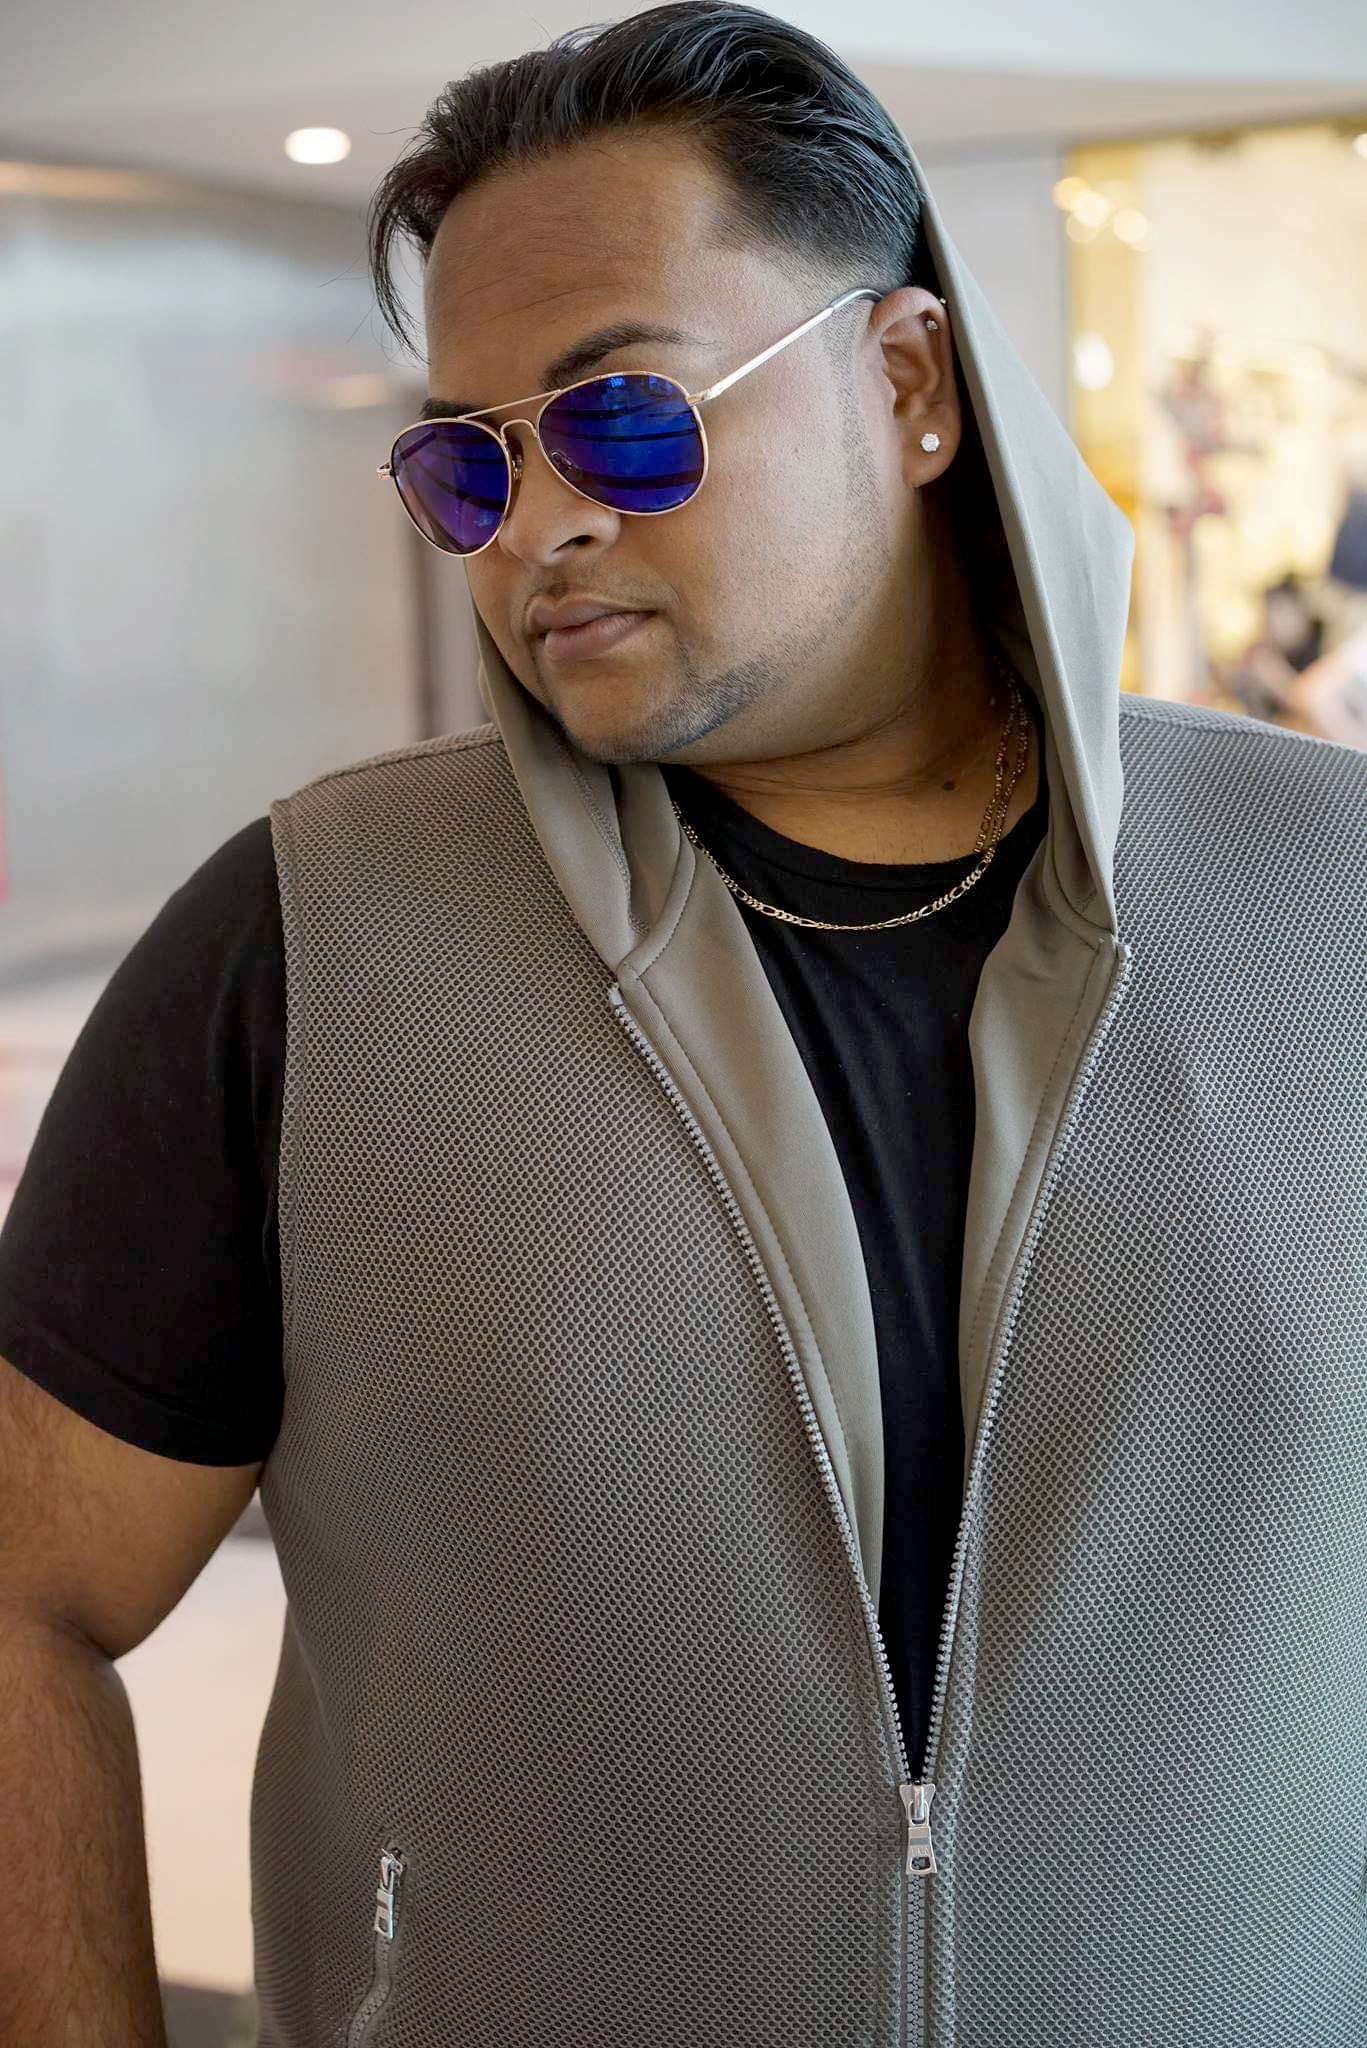 Raj Persaud - Musical Performer